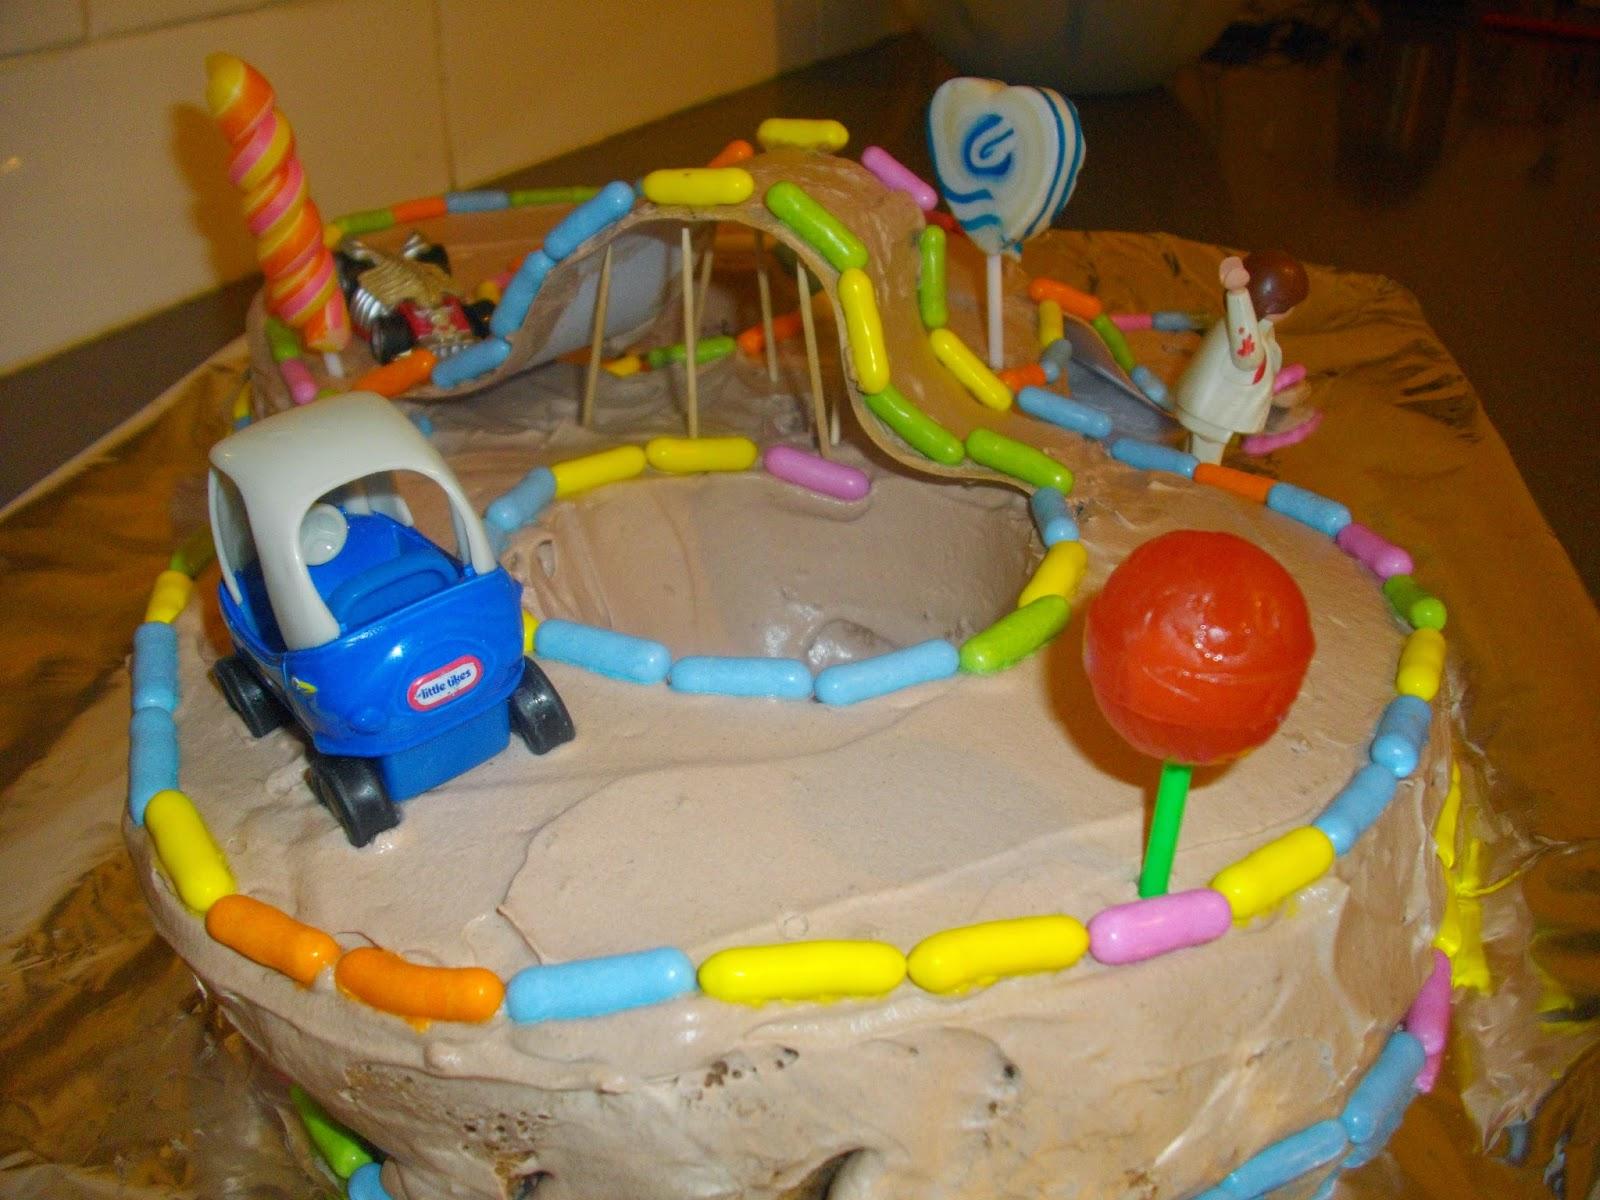 IMGP5066 - עוגת יומולדת מרוץ מכוניות